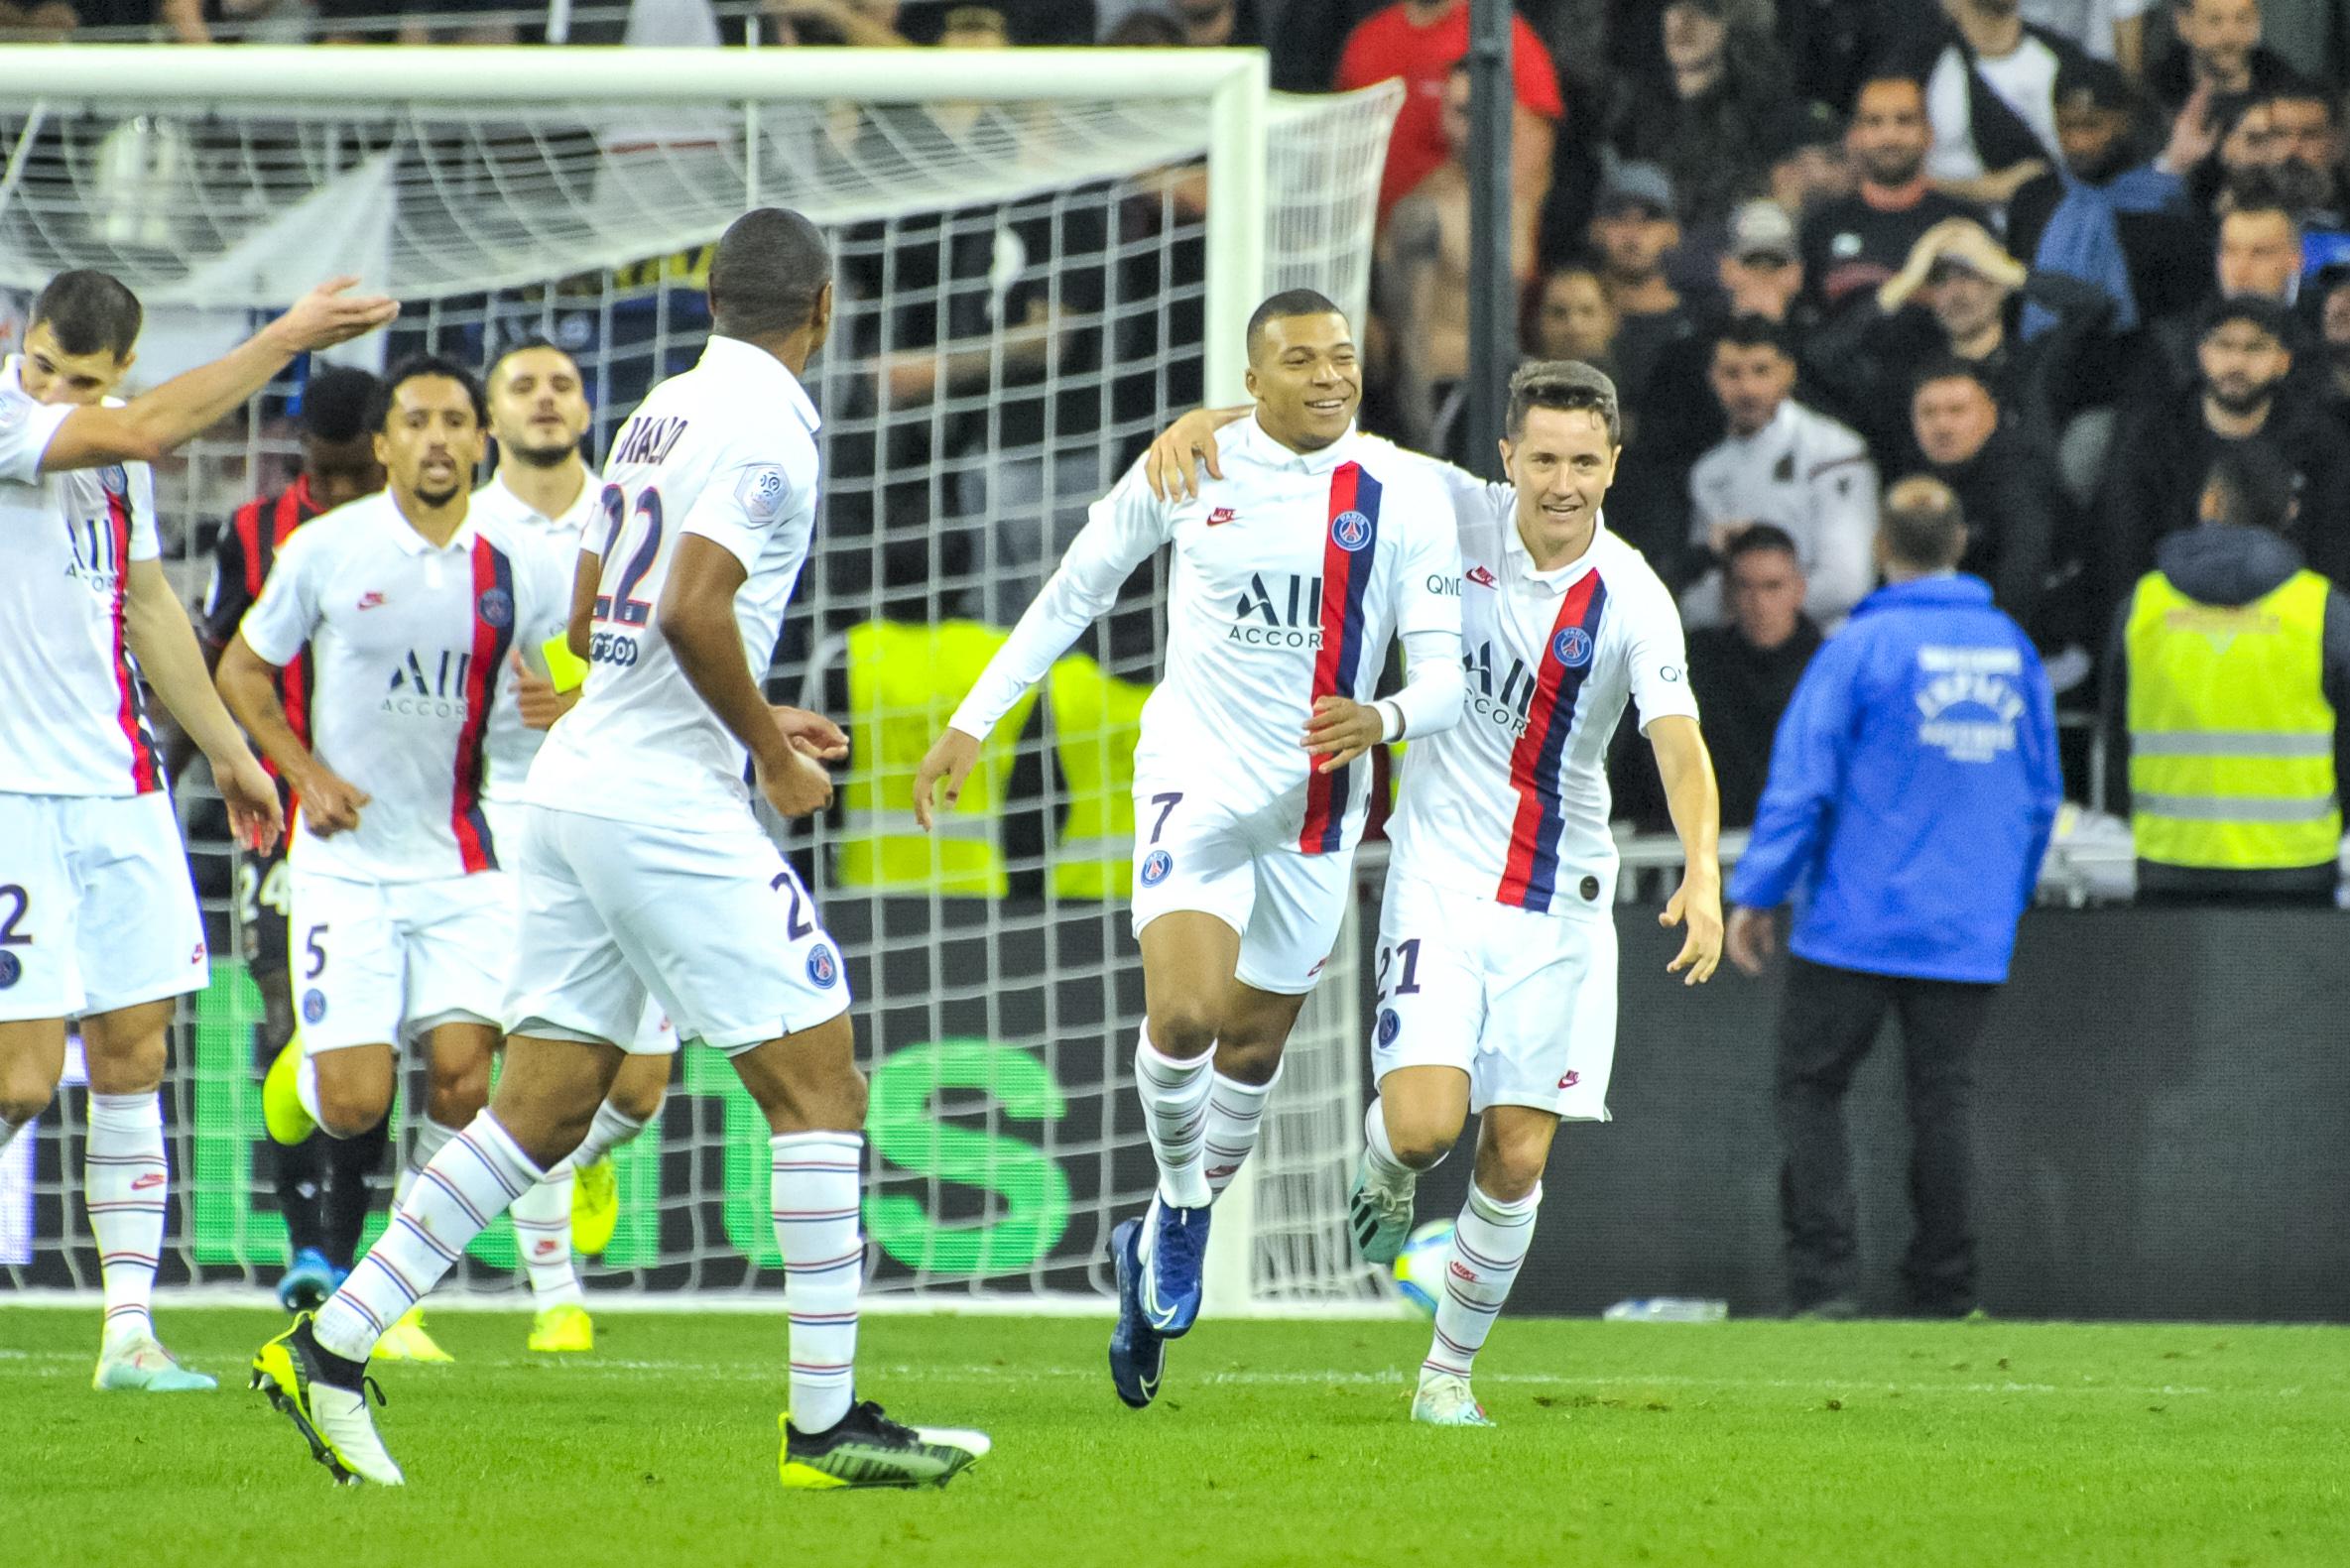 http://sport24.lefigaro.fr/var/plain_site/storage/images/football/transferts/actualites/herrera-sur-l-avenir-de-neymar-et-mbappe-le-psg-ne-vend-pas-ses-stars-il-en-achete-1003842/27171331-1-fre-FR/Herrera-sur-l-avenir-de-Neymar-et-Mbappe-Le-PSG-ne-vend-pas-ses-stars-il-en-achete.jpg